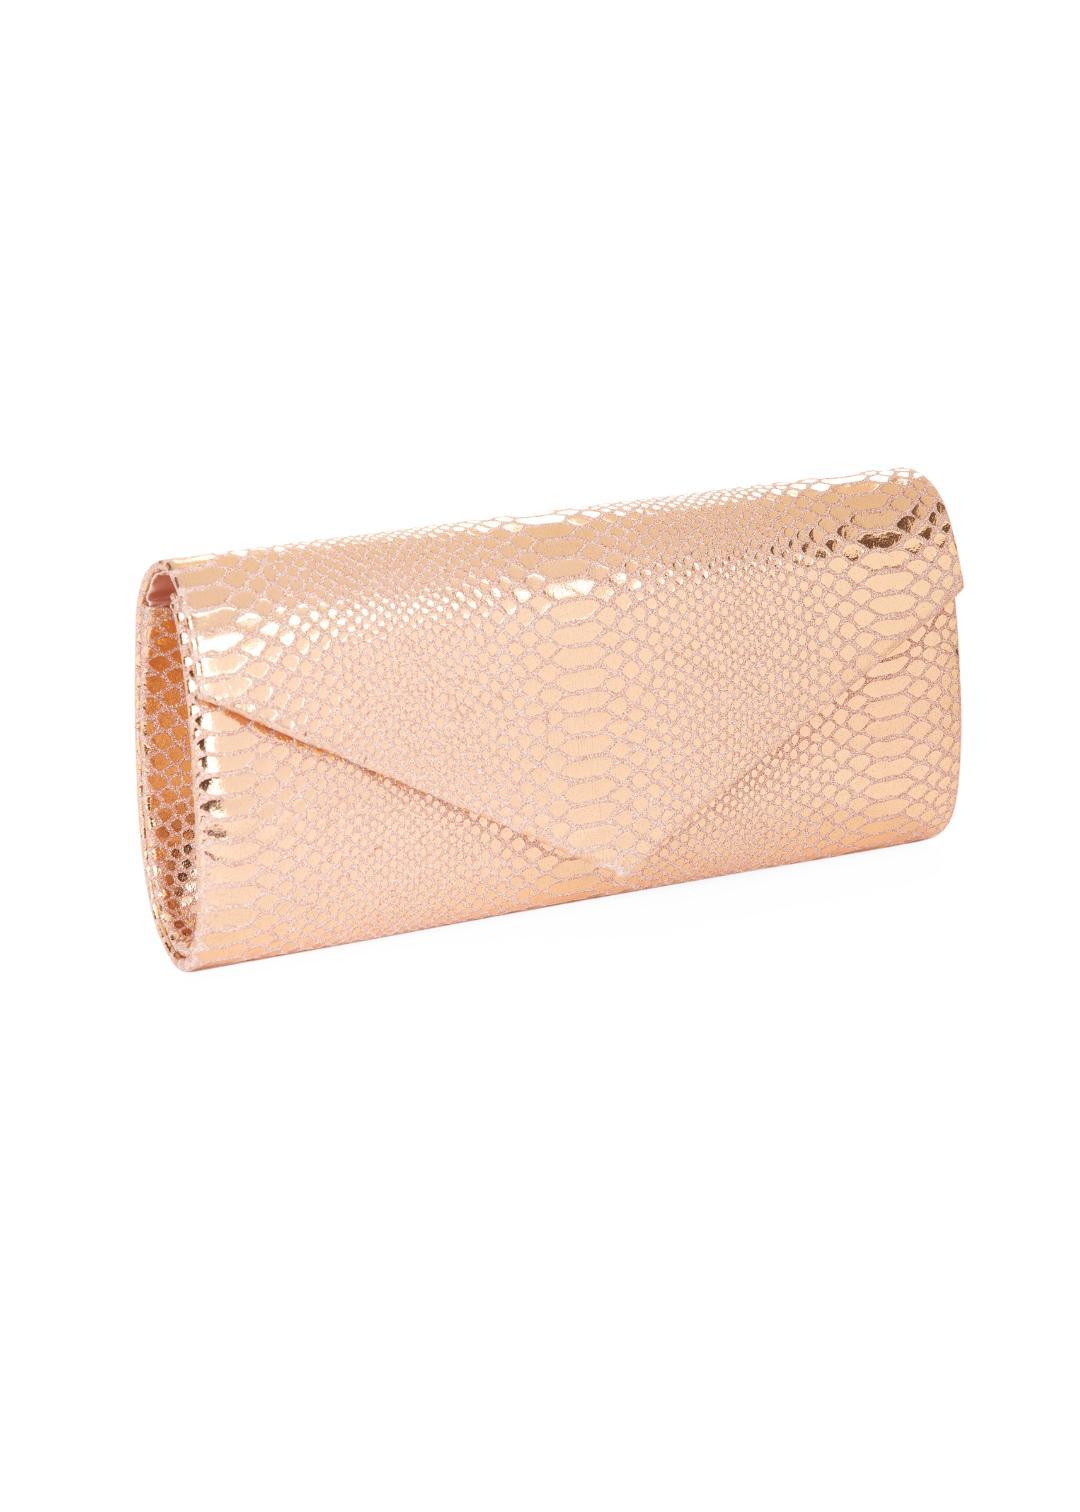 Mascara Rose Gold Snake Clutch Bag 1